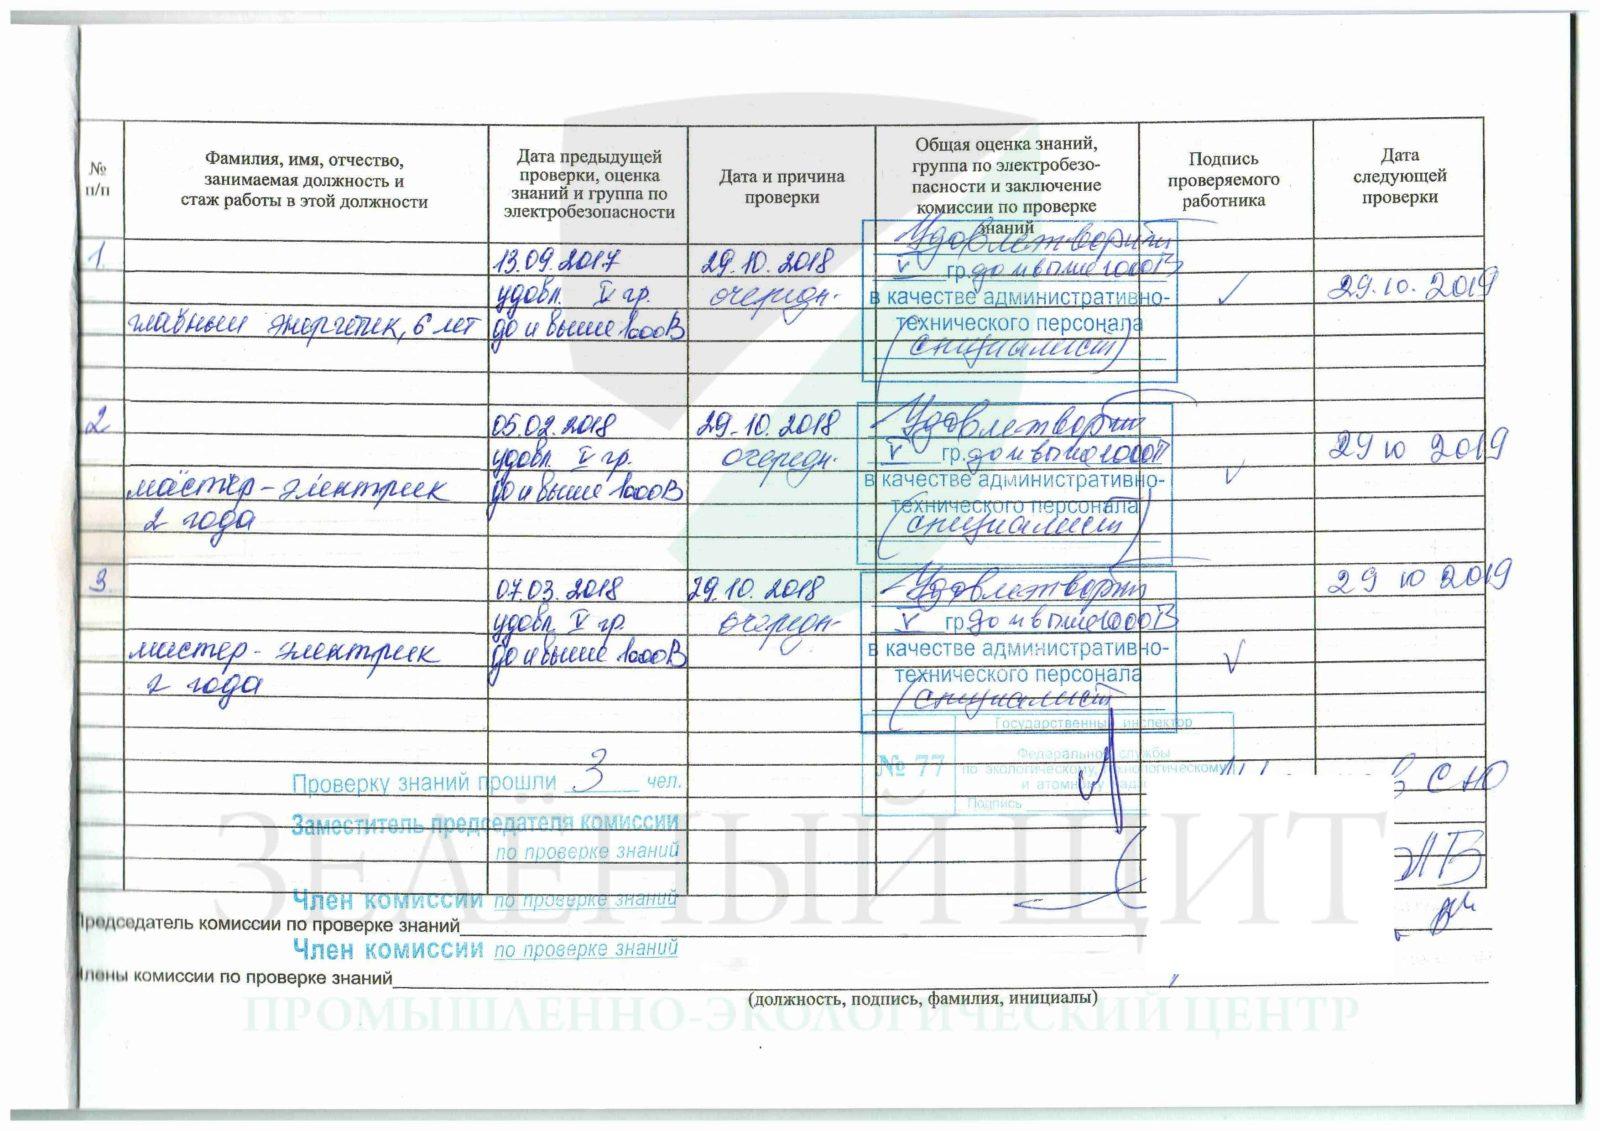 Инспектирующий персонал электробезопасность распоряжение о присвоении 1 группы по электробезопасности